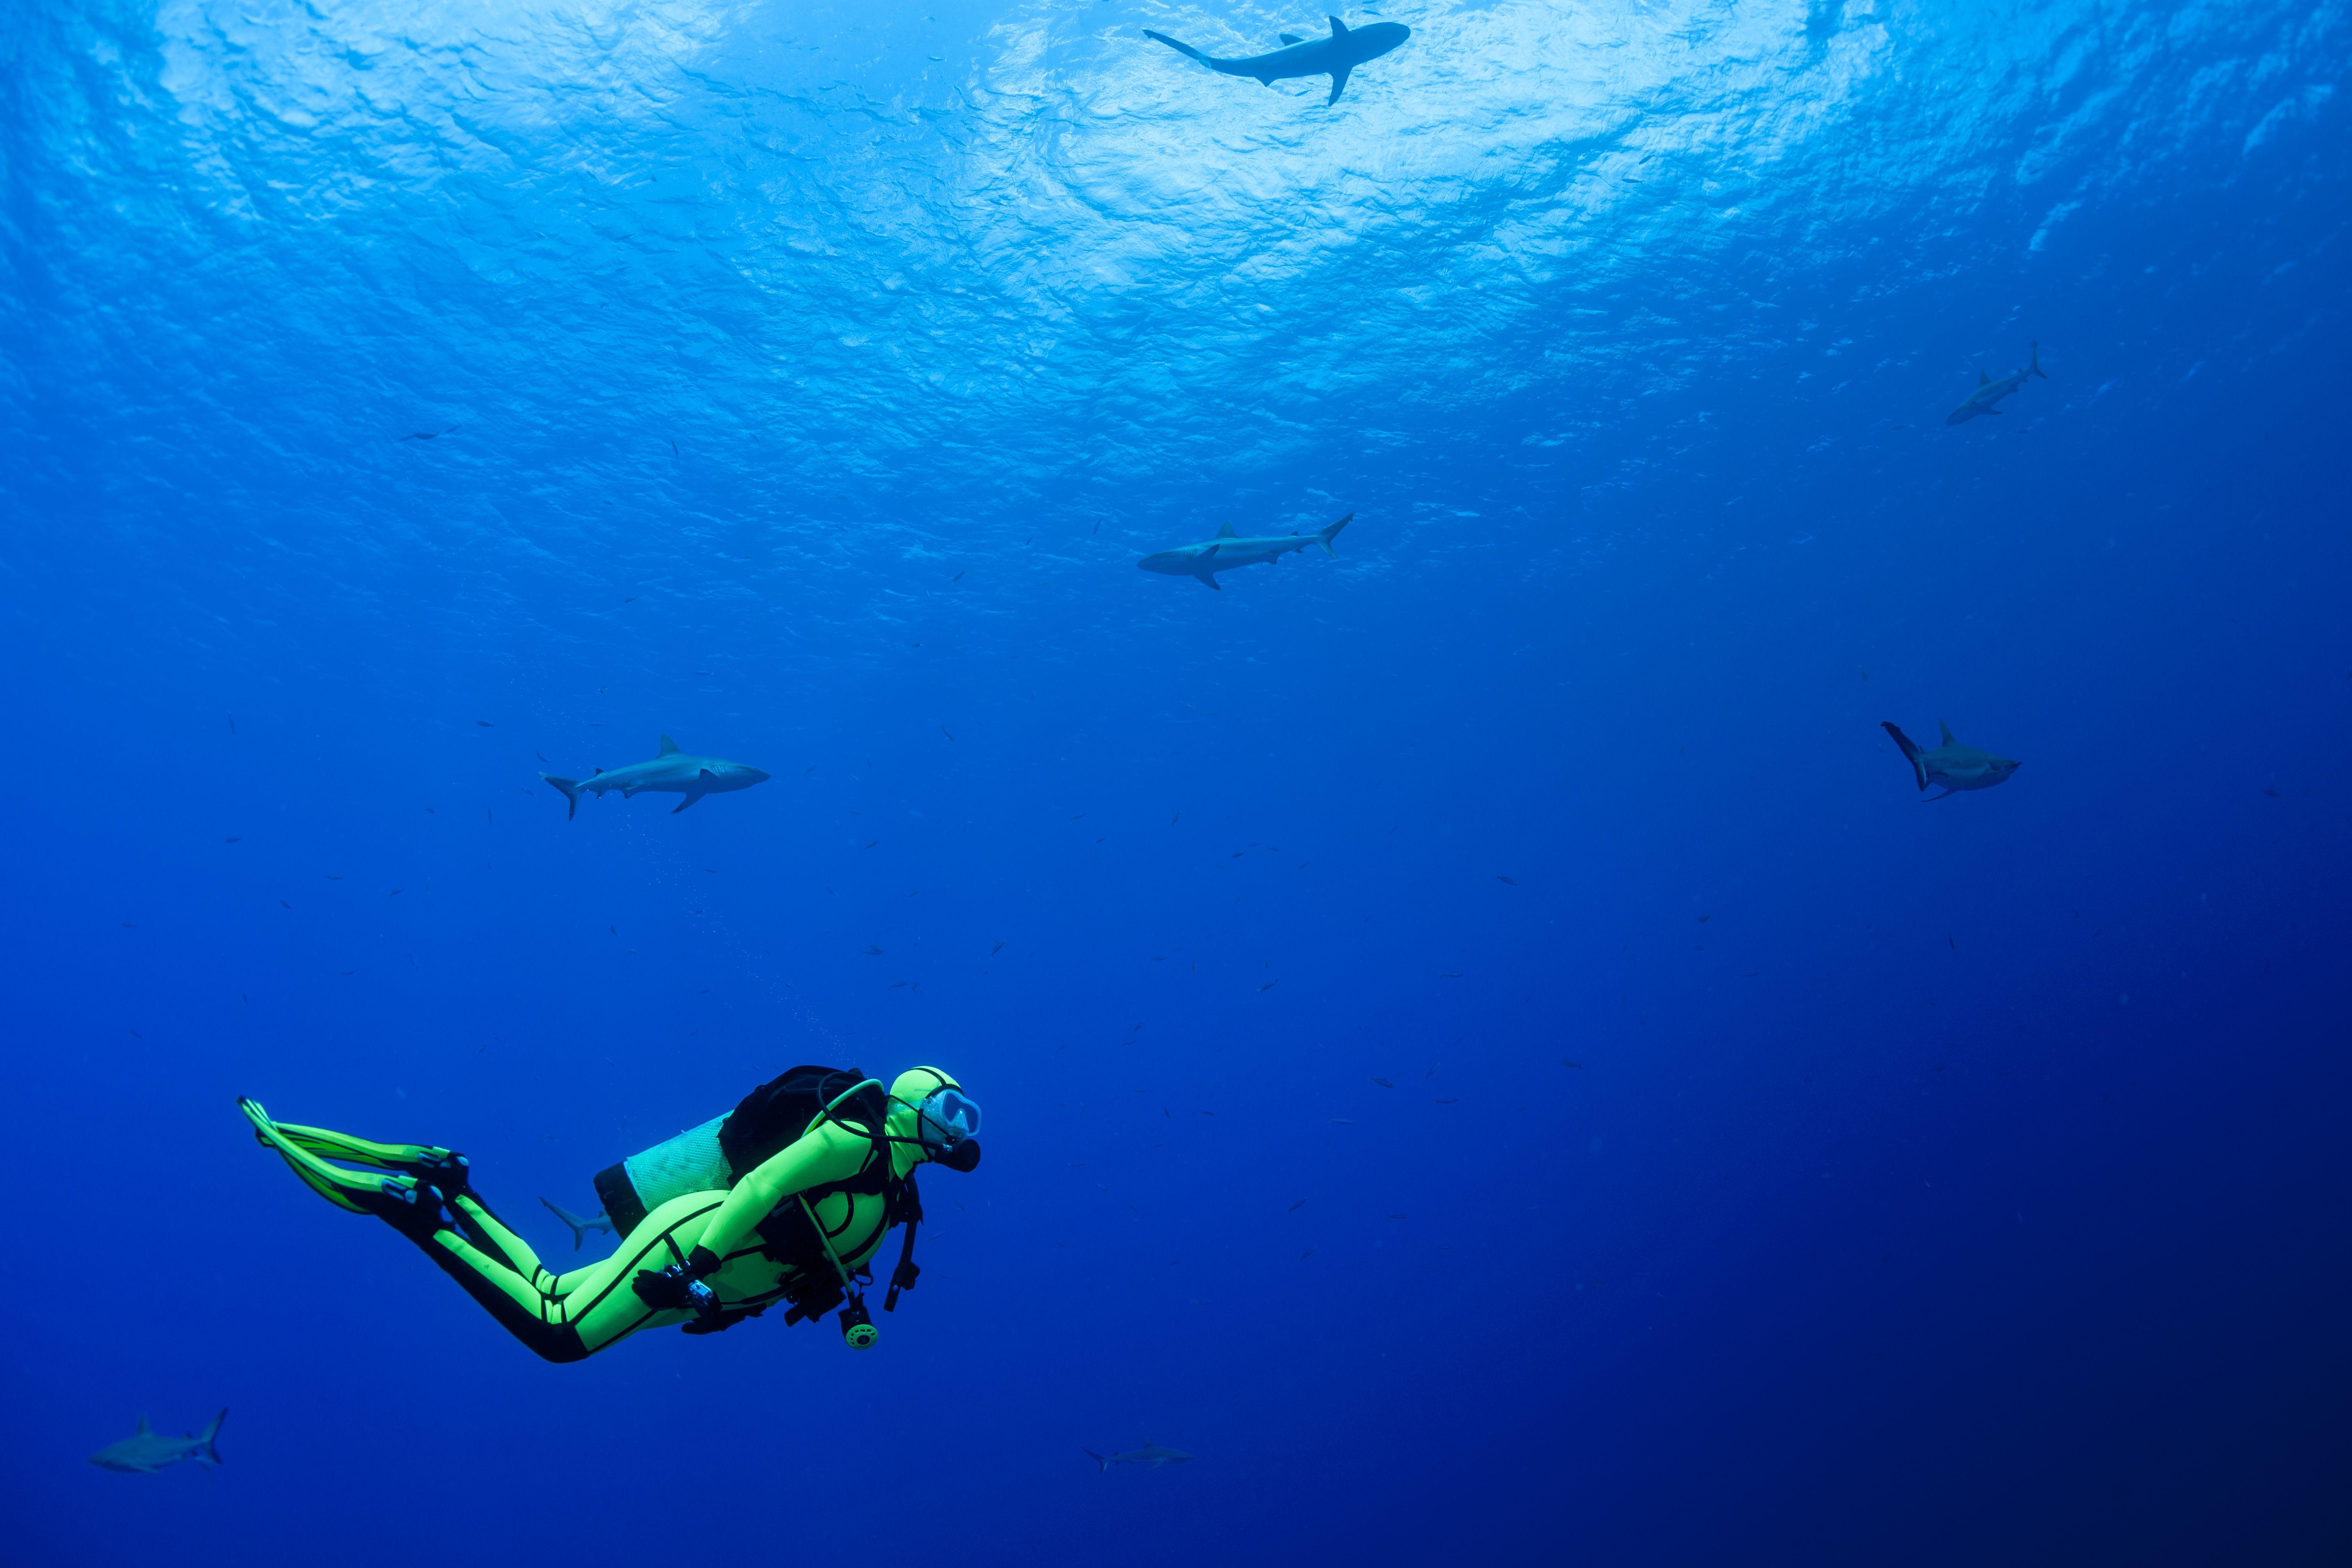 水肺潜水_20 Common Scuba Diving Hand Signals